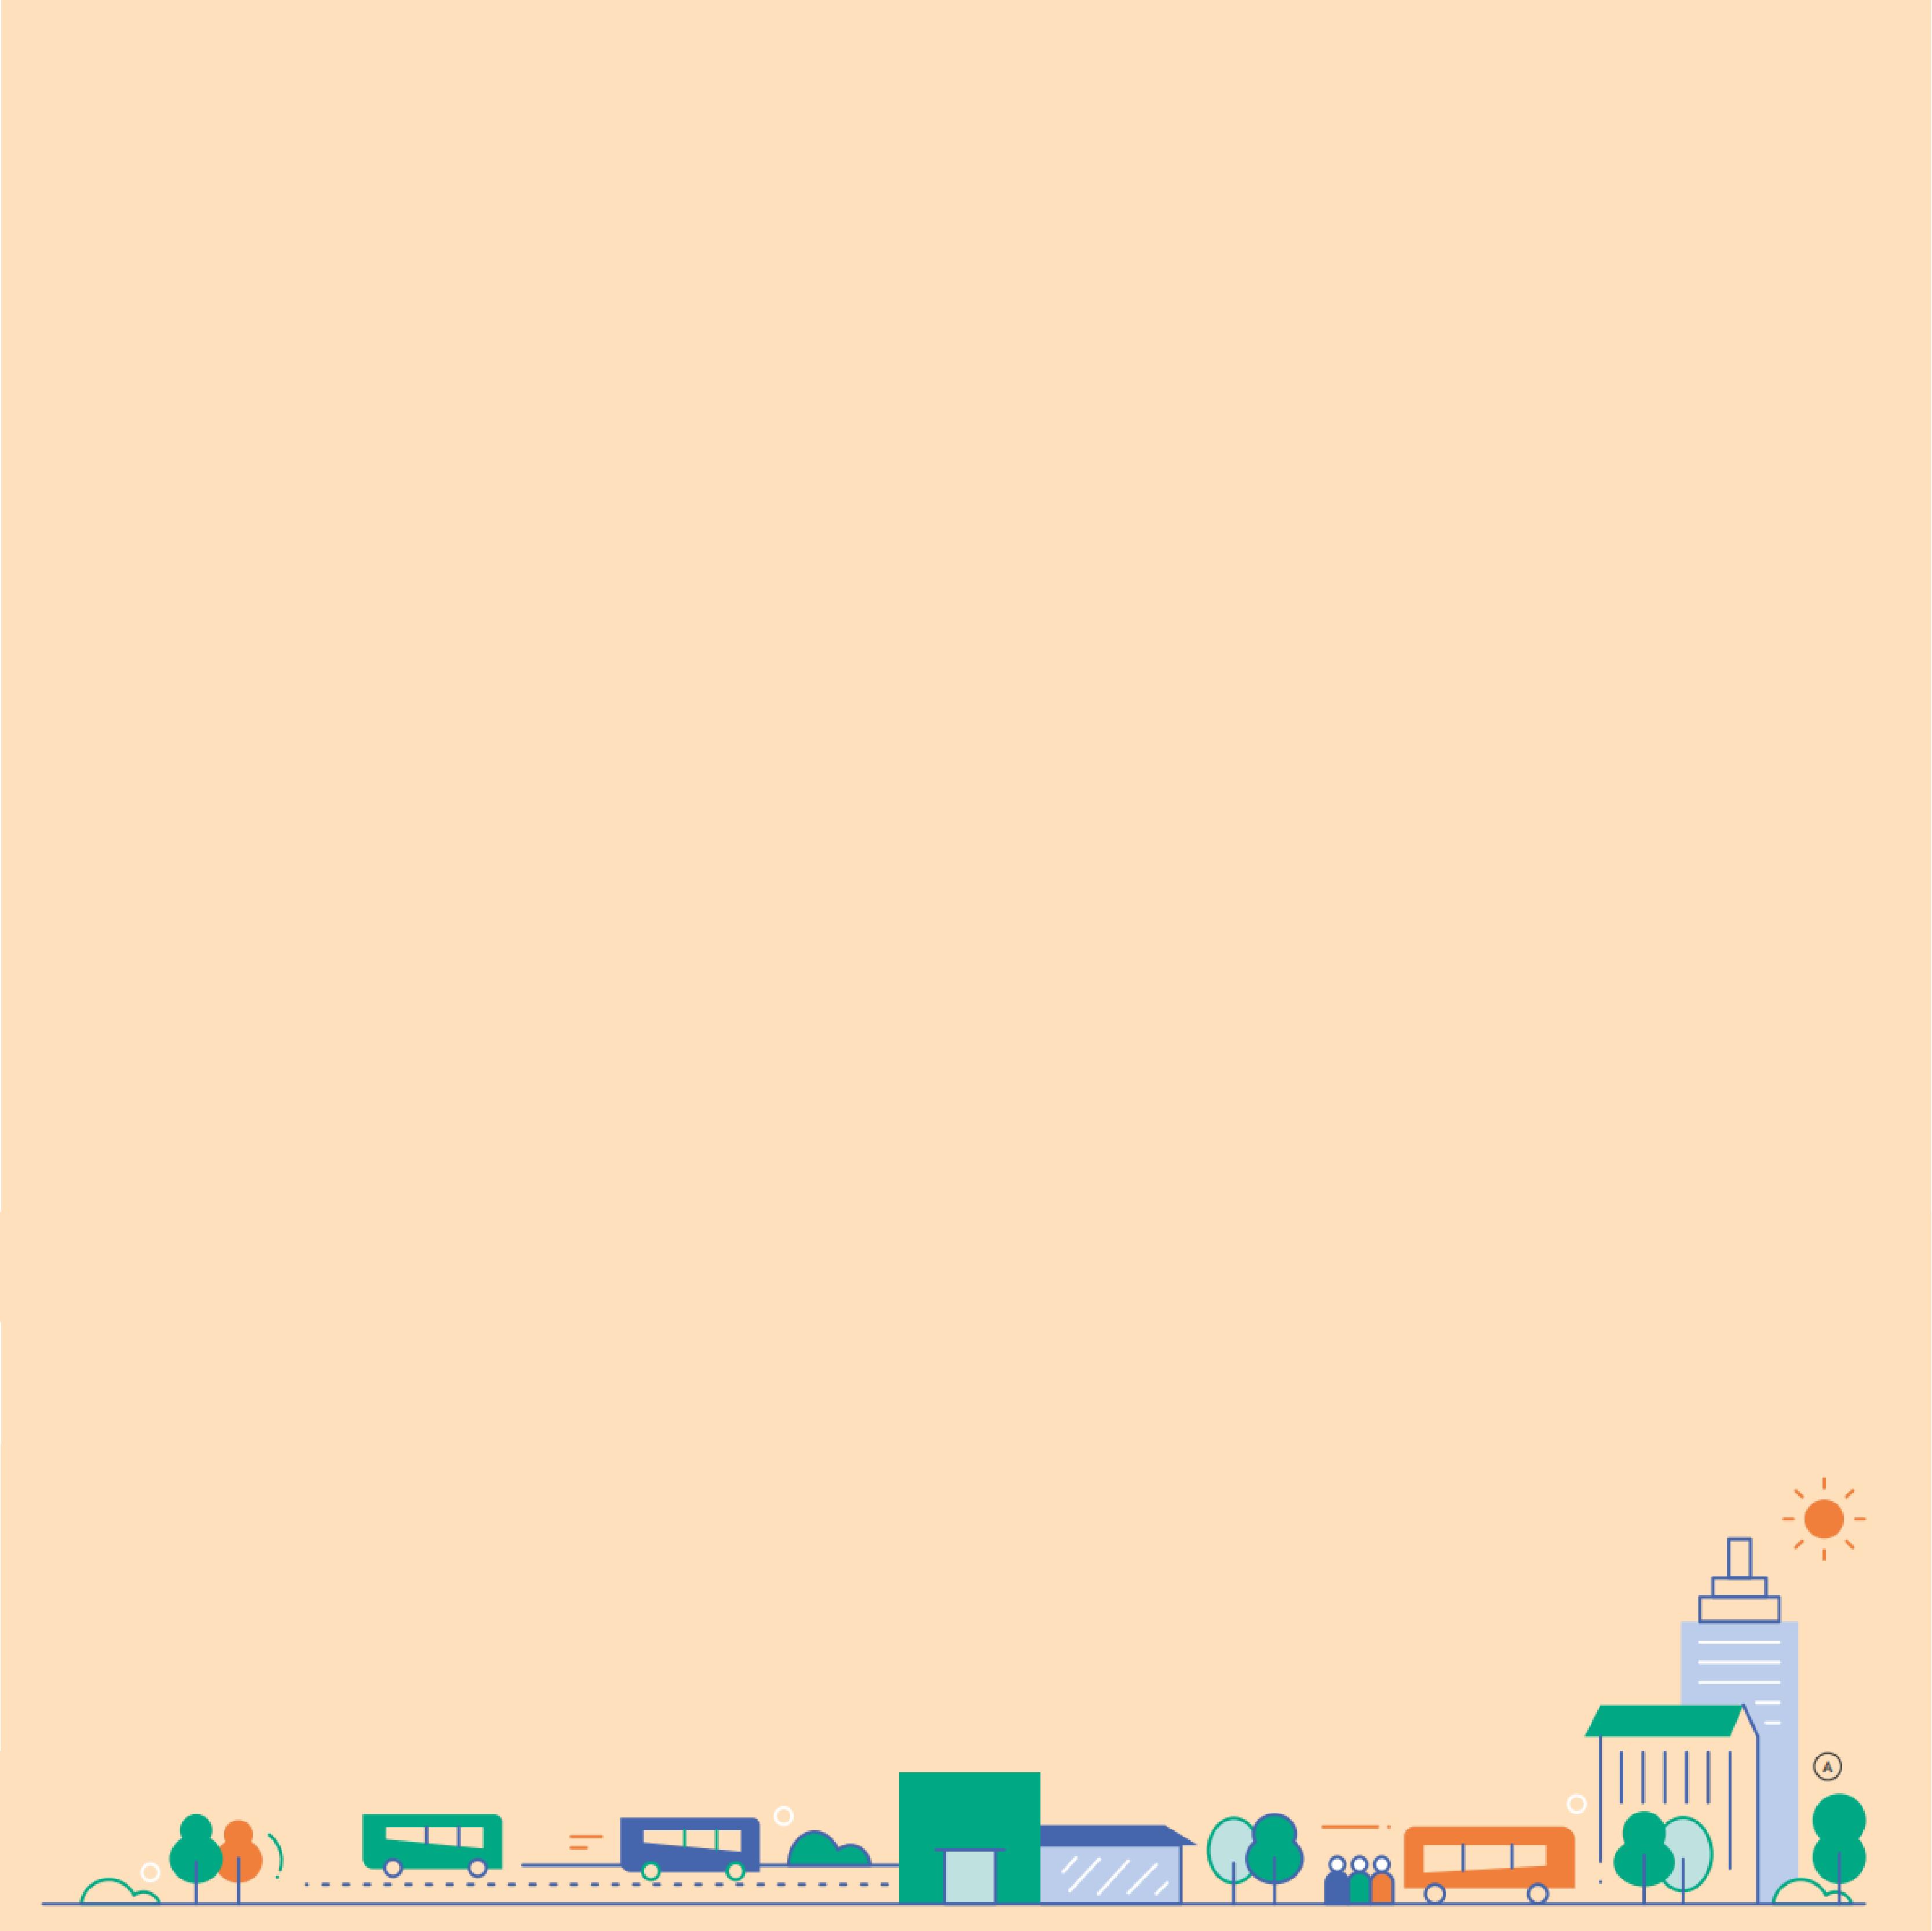 O transporte público passou a ter prioridade com a lei da Política Nacional de Mobilidade Urbana